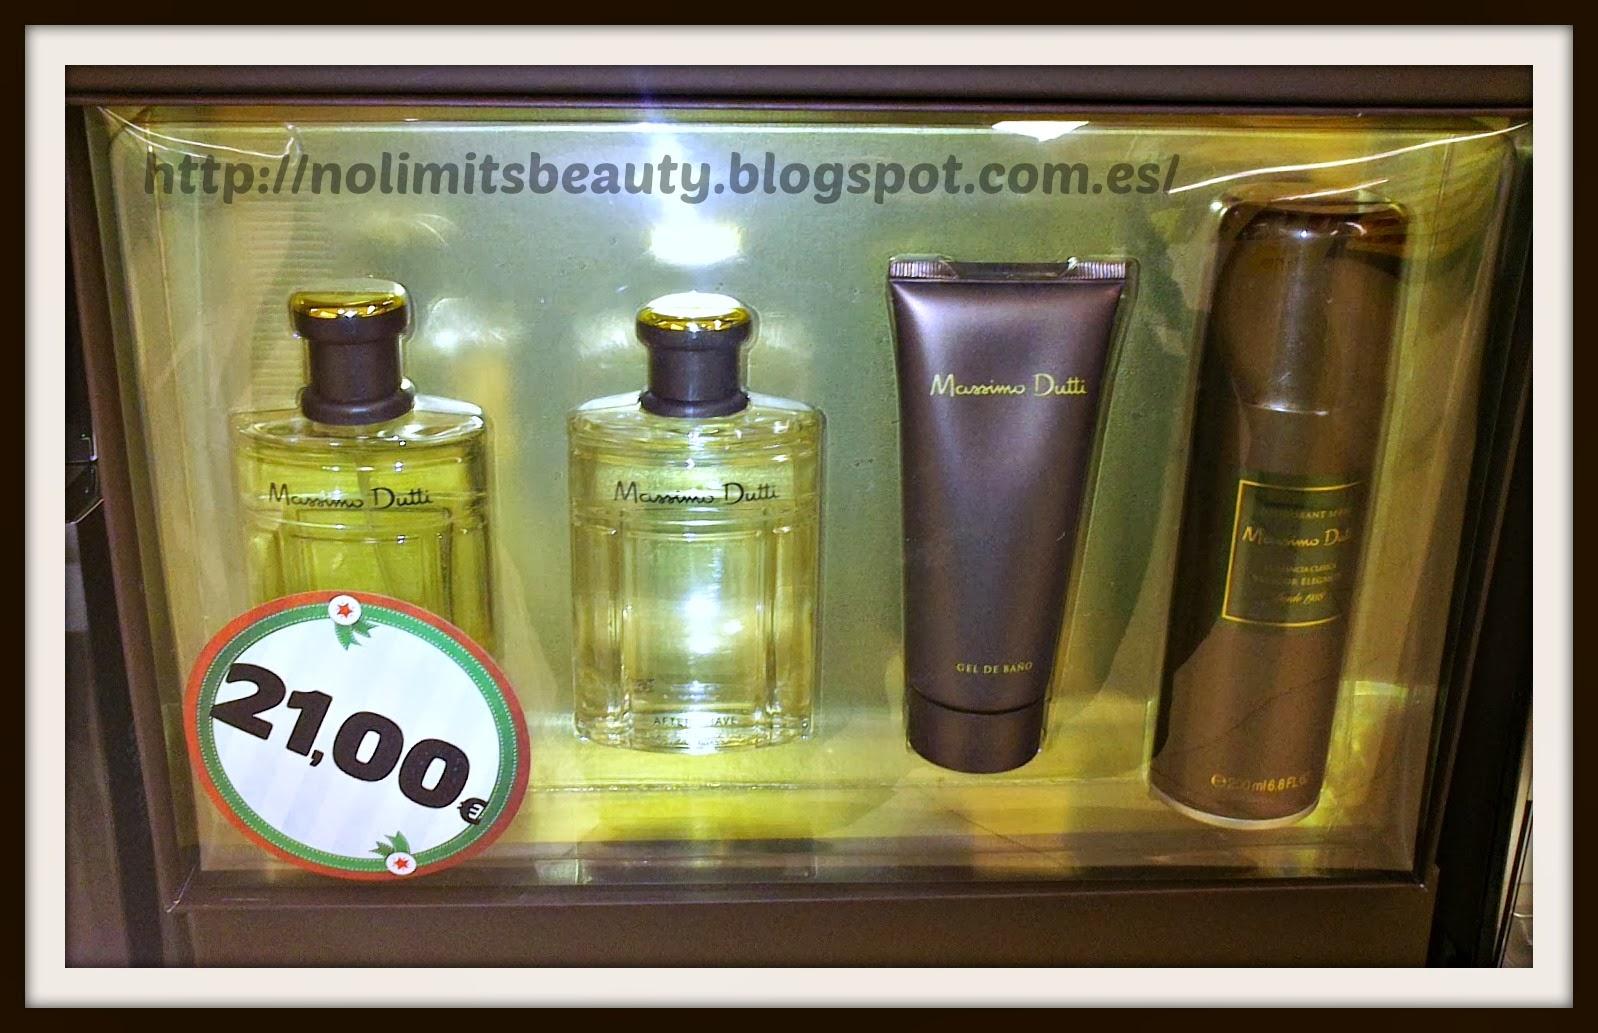 Set De Baño Mercadona: para pelo navidad 2013 en la revista de la perfumería del mercadona